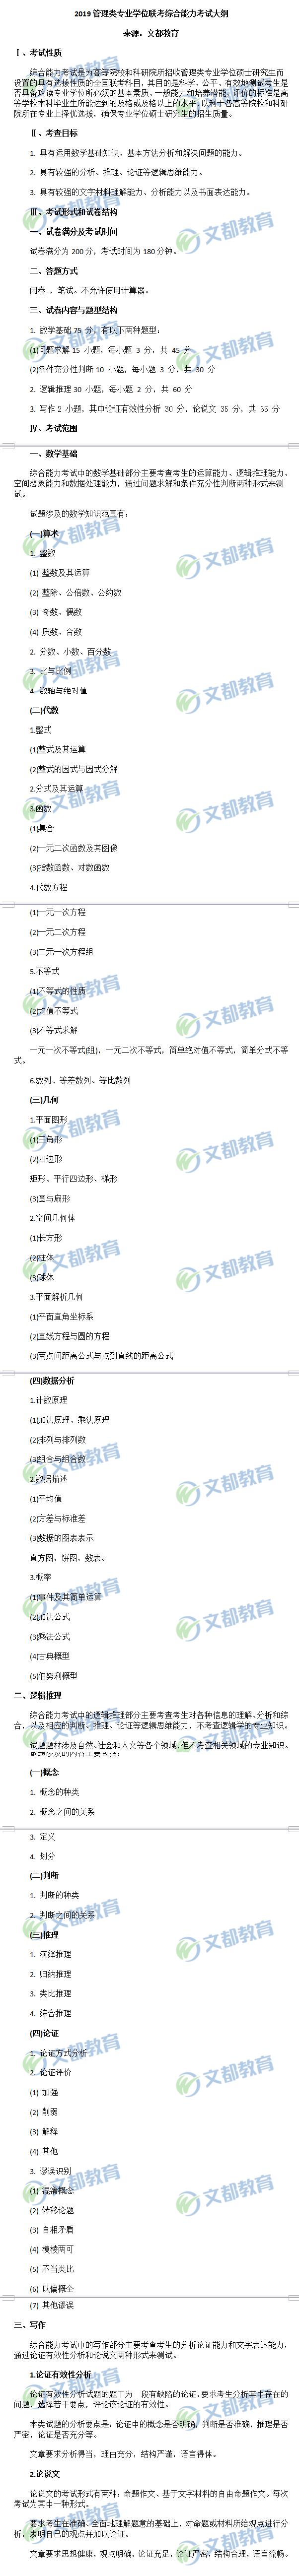 2020管理类联考大纲原文(word版)